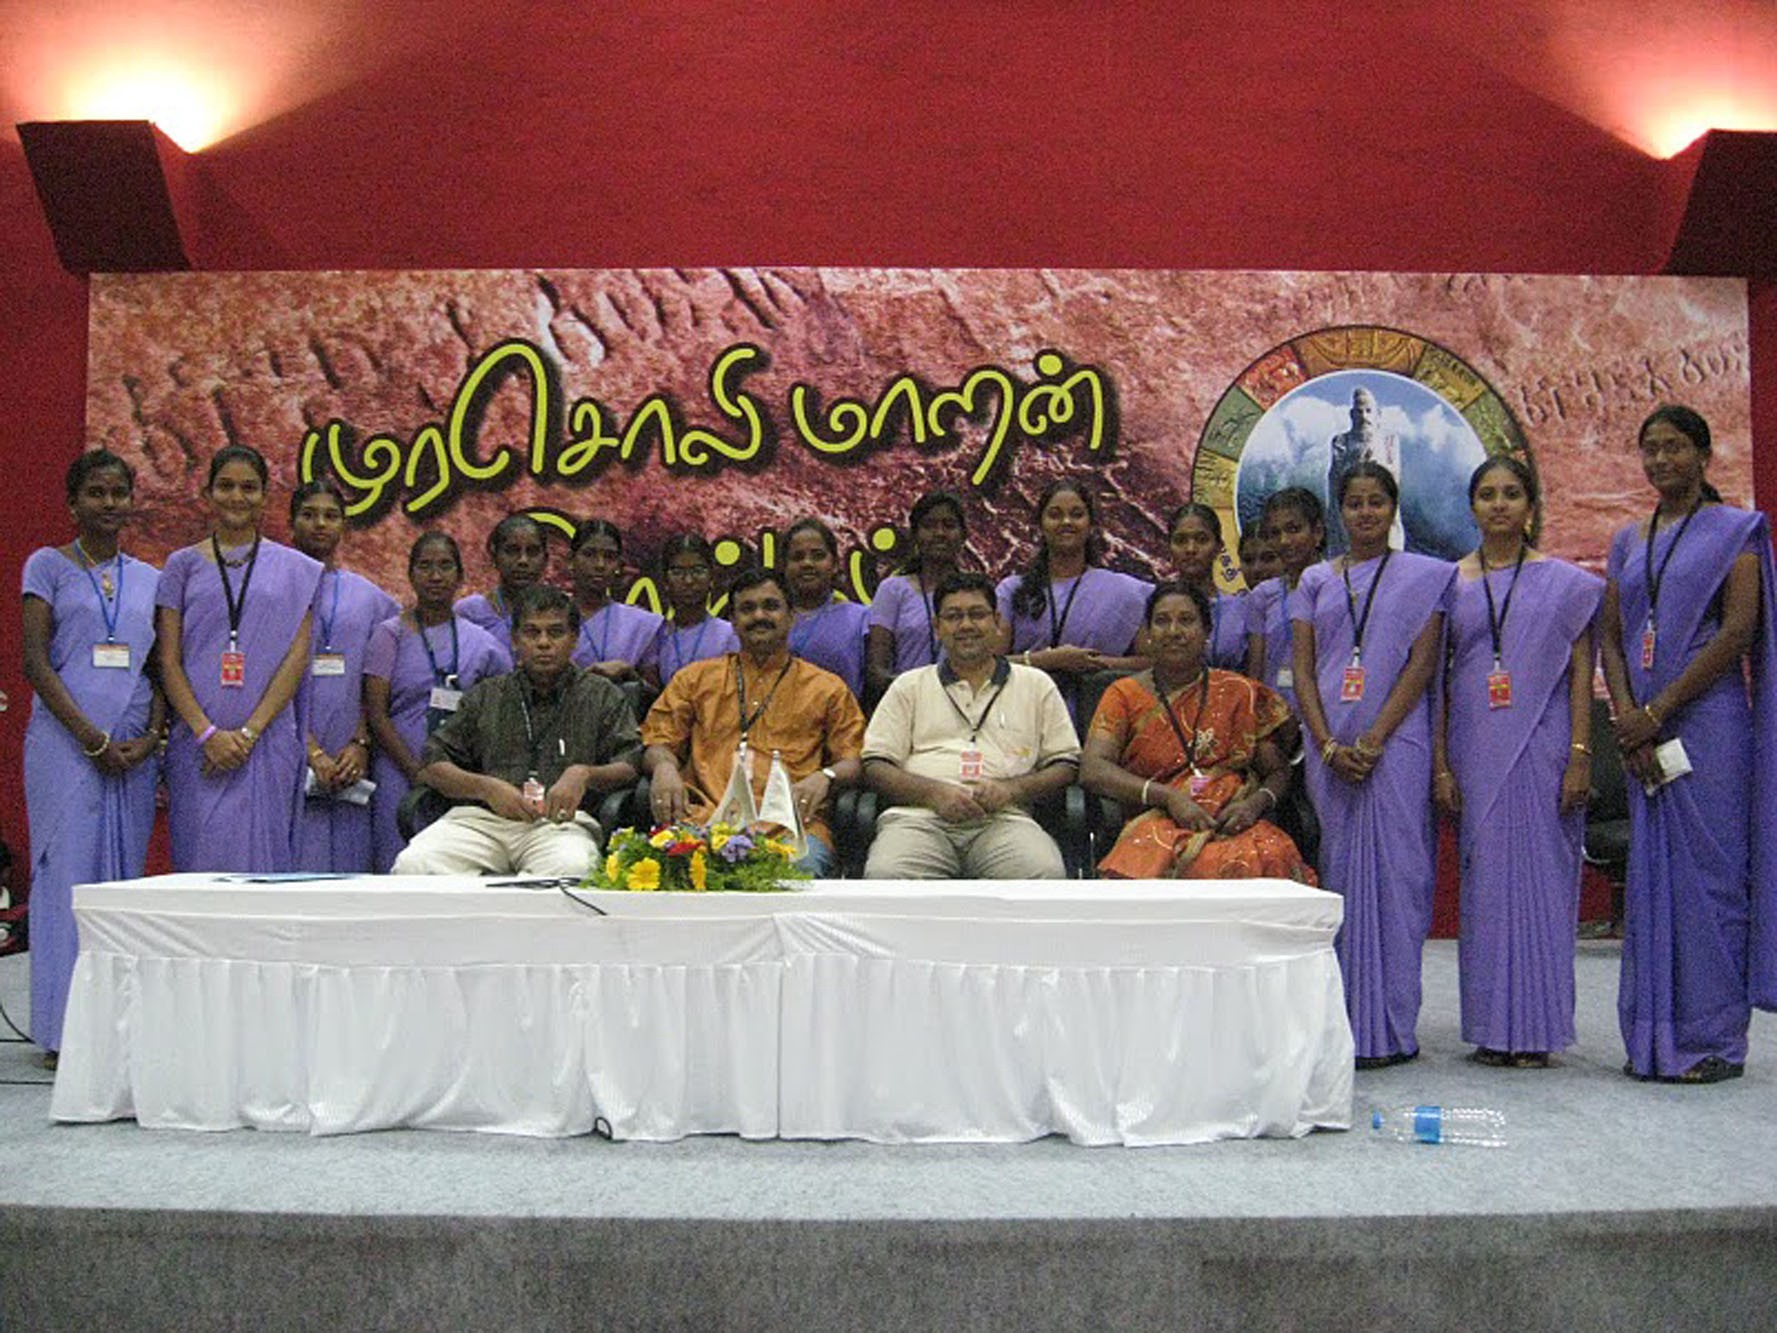 தமிழ் இணைய மாநாடு 2010 - உதவிய மாணவிகள் குழு